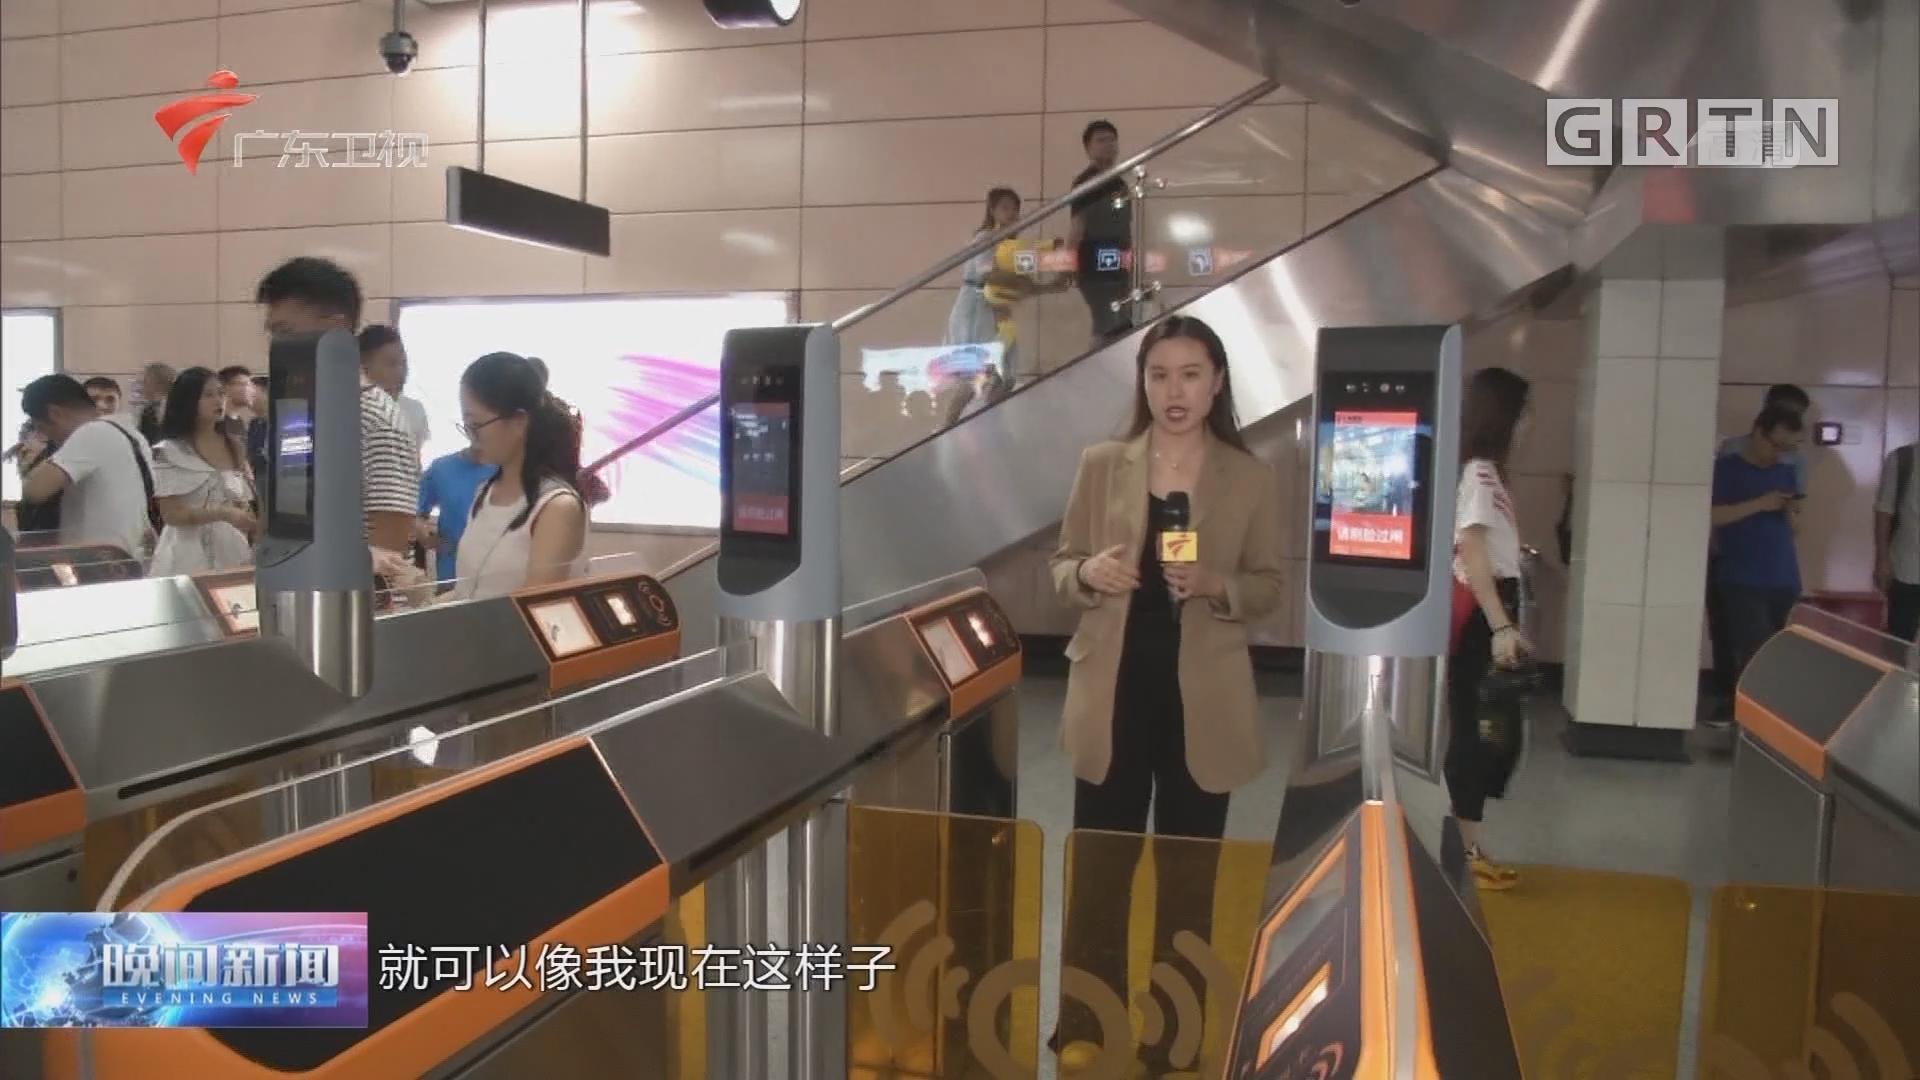 全国首创!轨交智慧操作系统广州上线